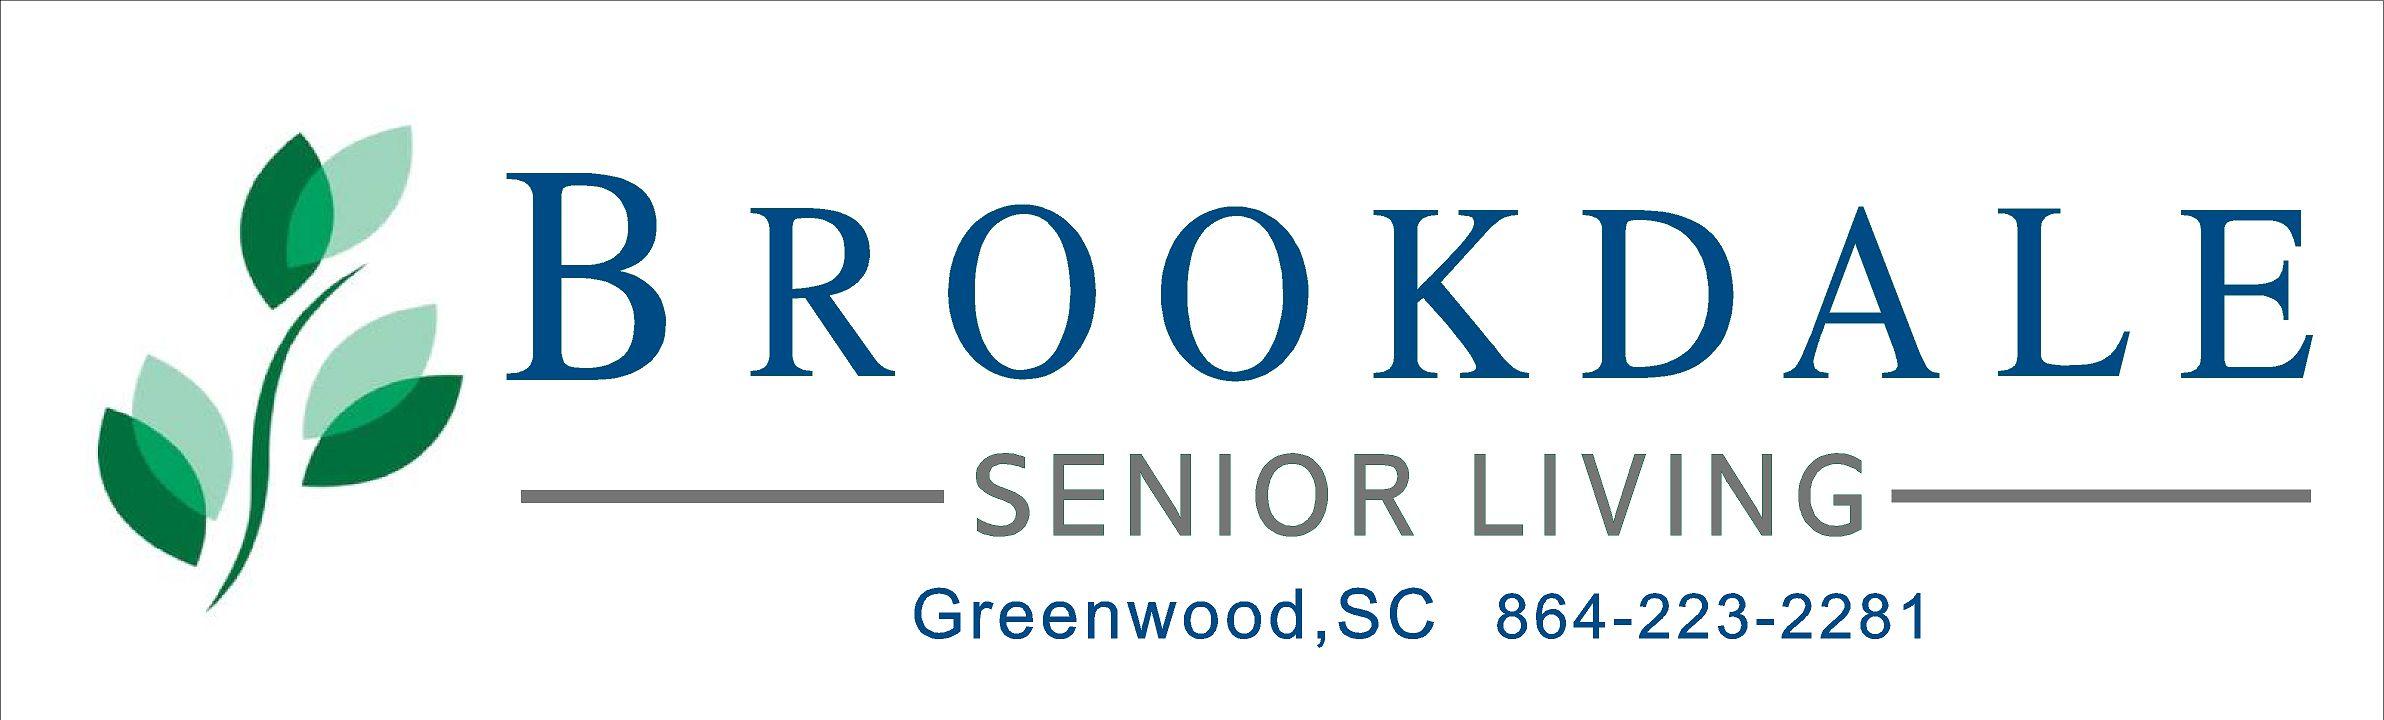 Brookdale Greenwood